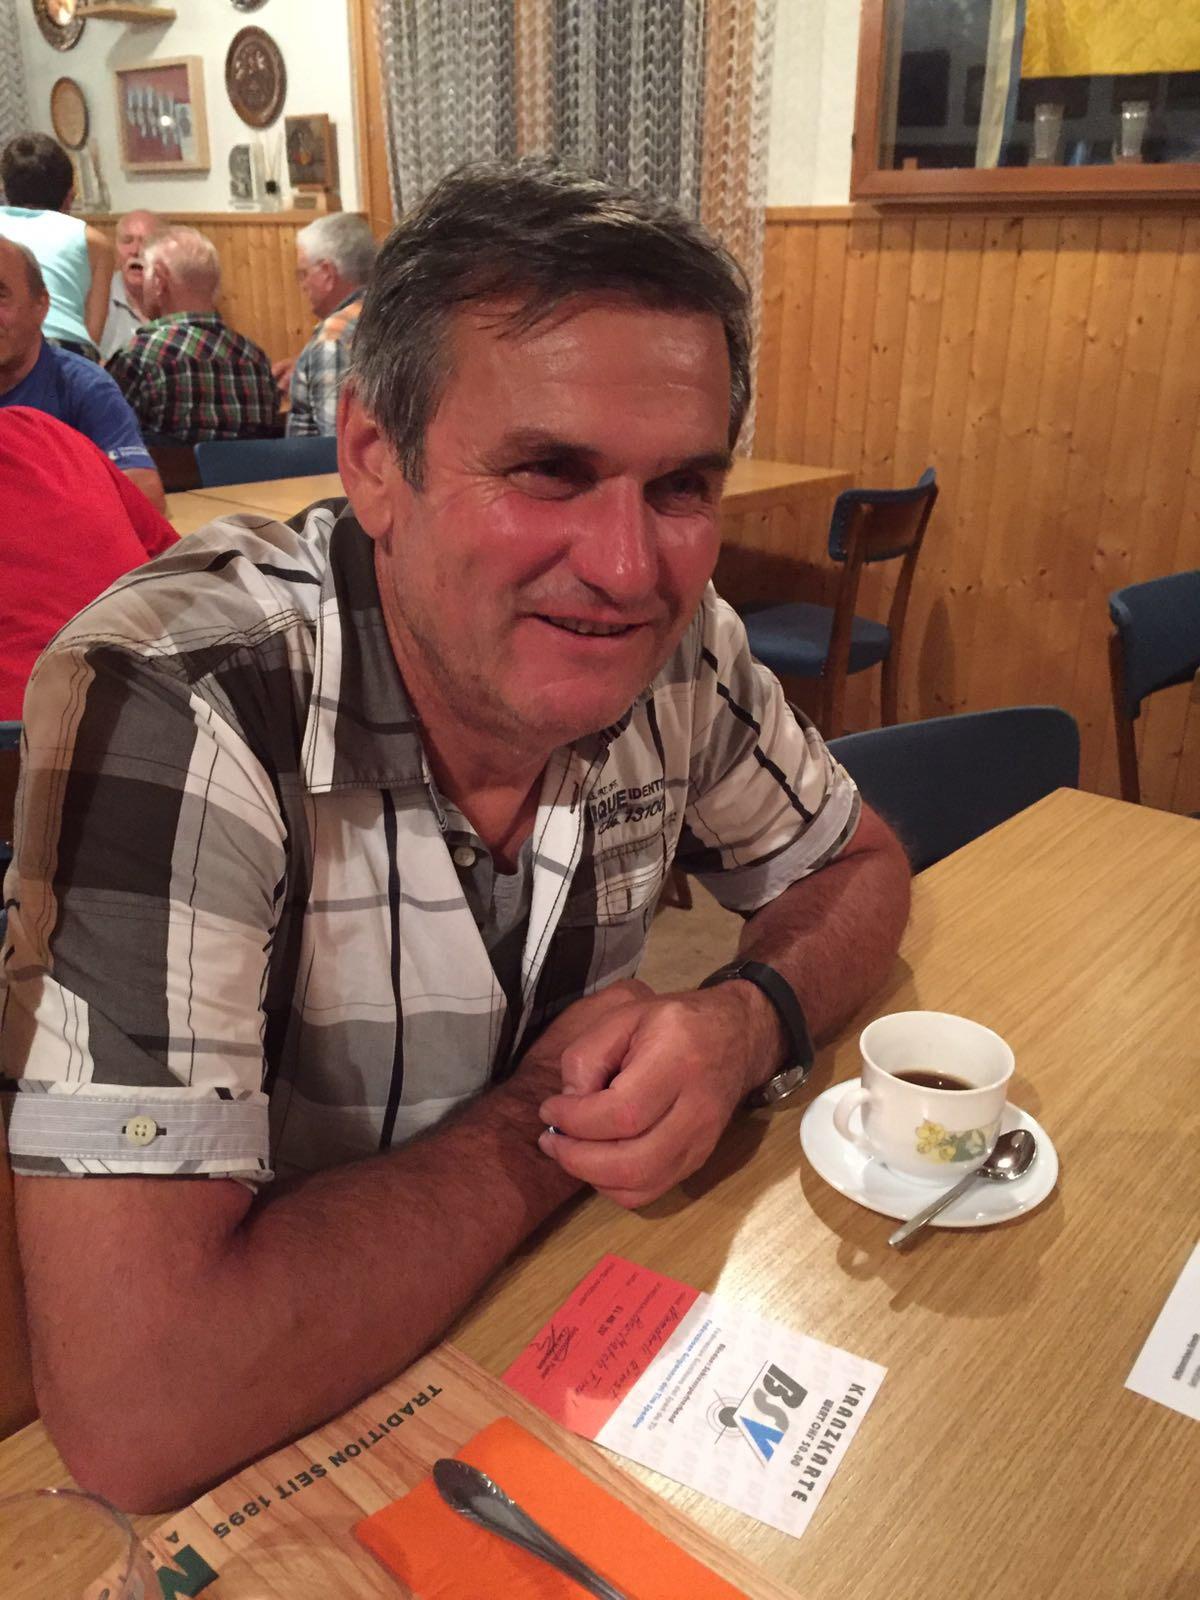 Ernst Wunderli, Sieger Ordonanzwaffe 2 Stellung 300m / 255 Punkte